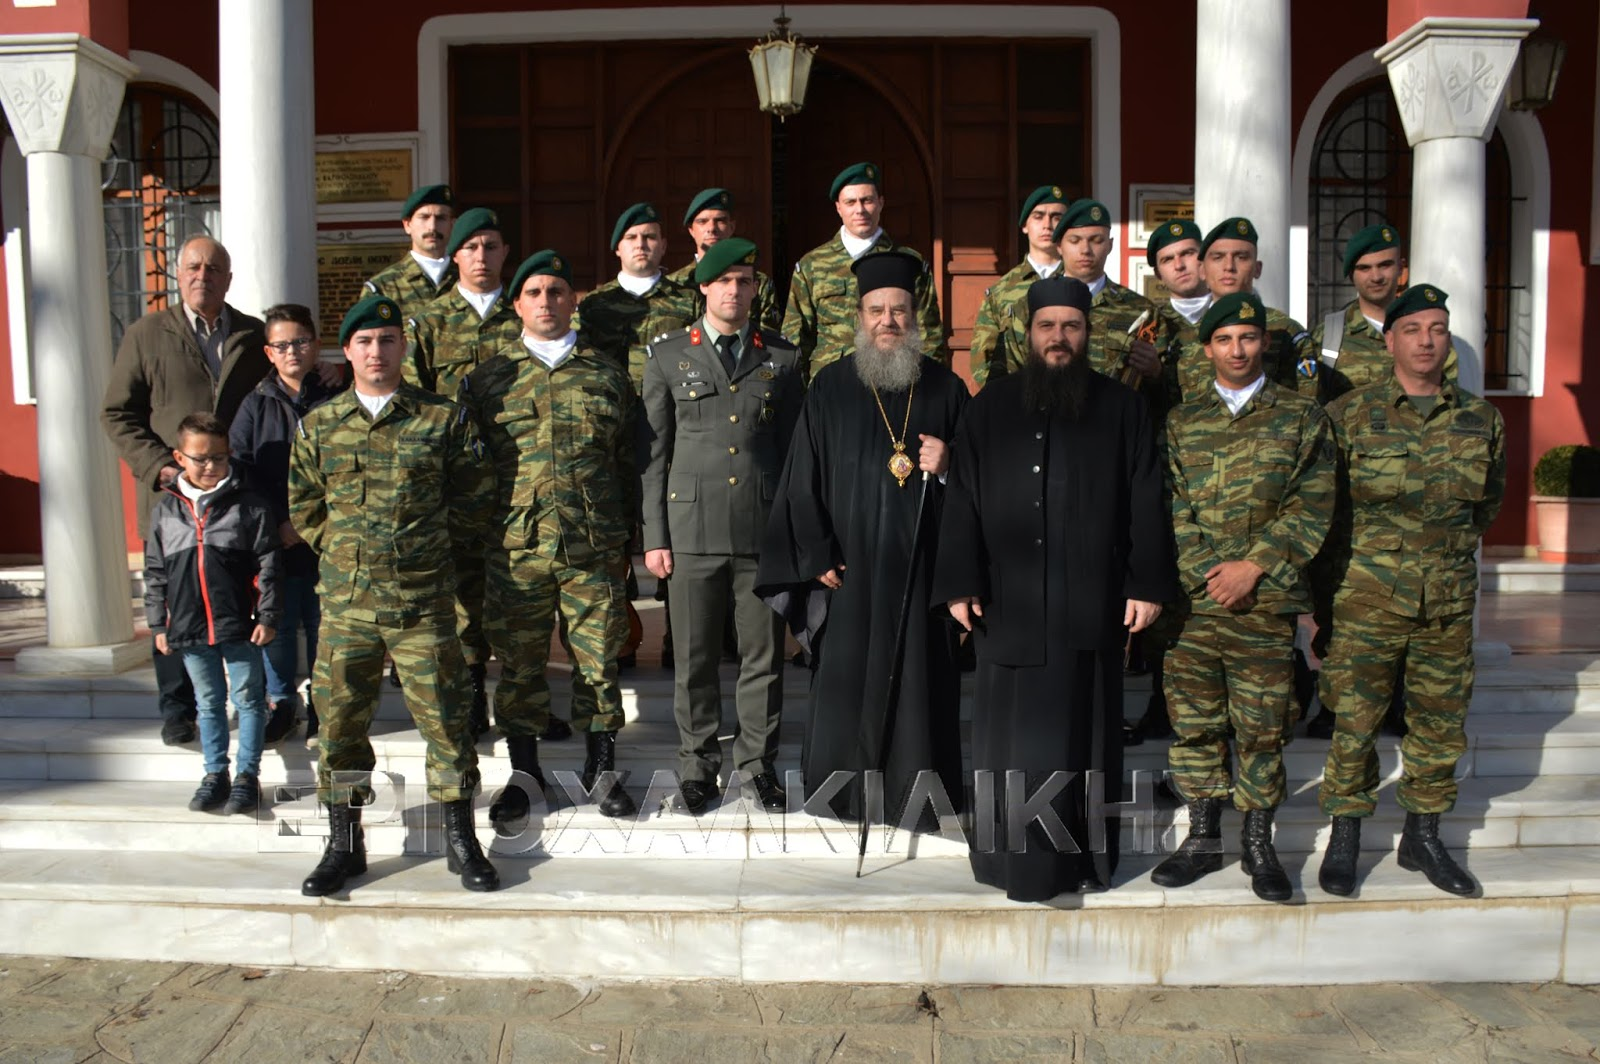 Η Μακεδονία είναι Ελληνική ''έψαλλαν'' οι Κομάντο στον Ιερισσού (βίντεο)